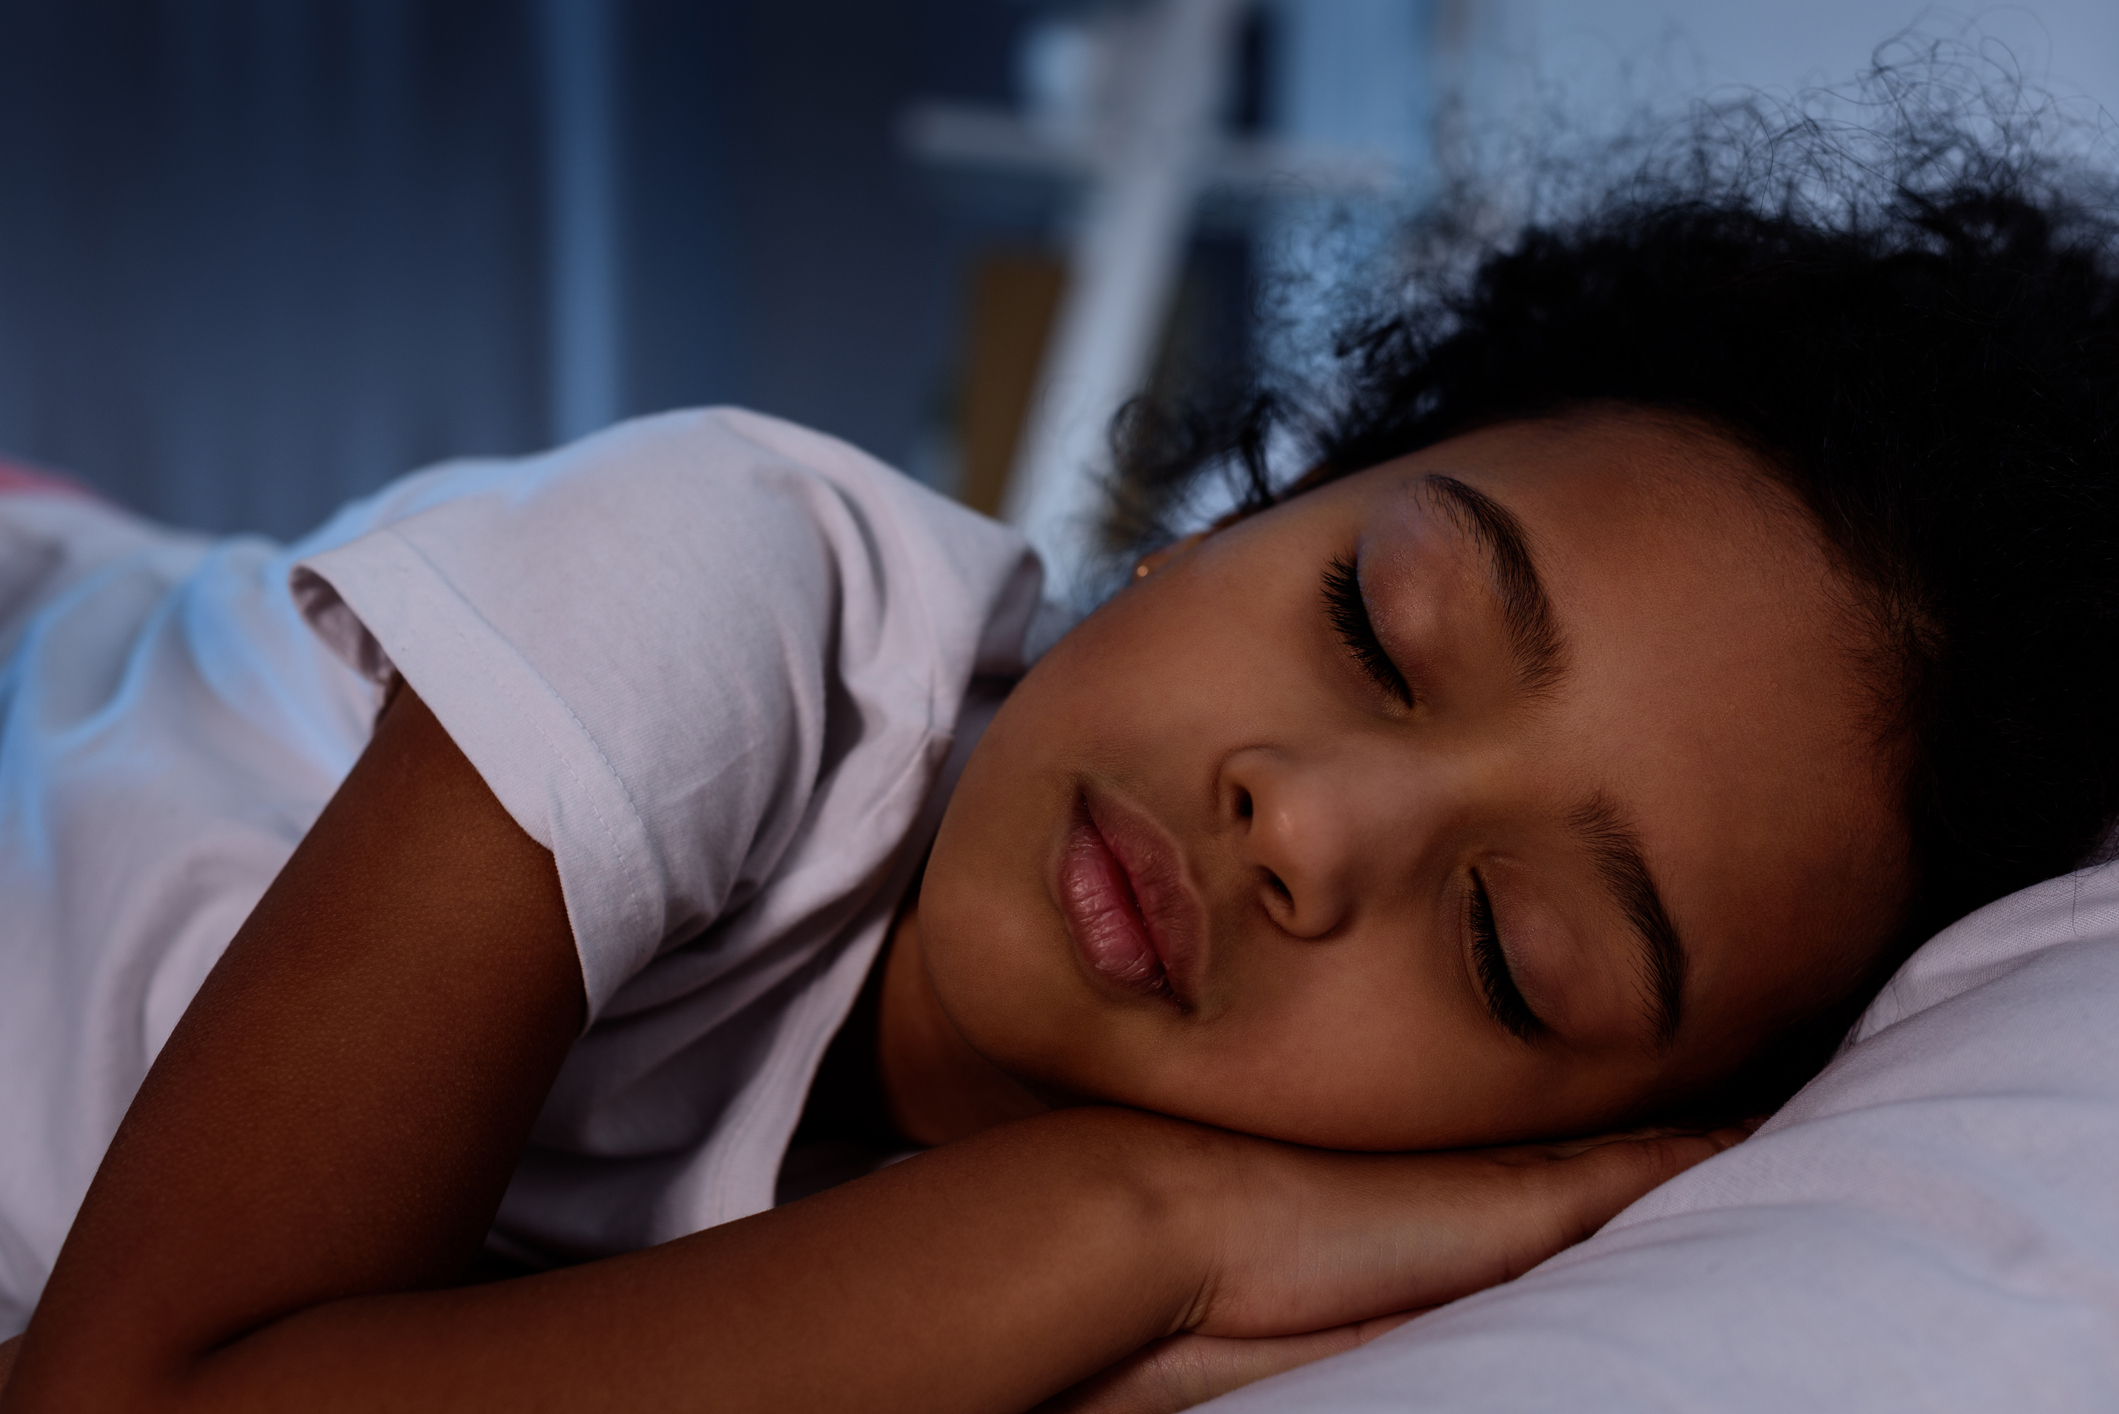 Em média, 72% dos brasileiros sofrem de doenças relacionadas ao sono, de acordo com um estudo da Philips divulgado em 2018.